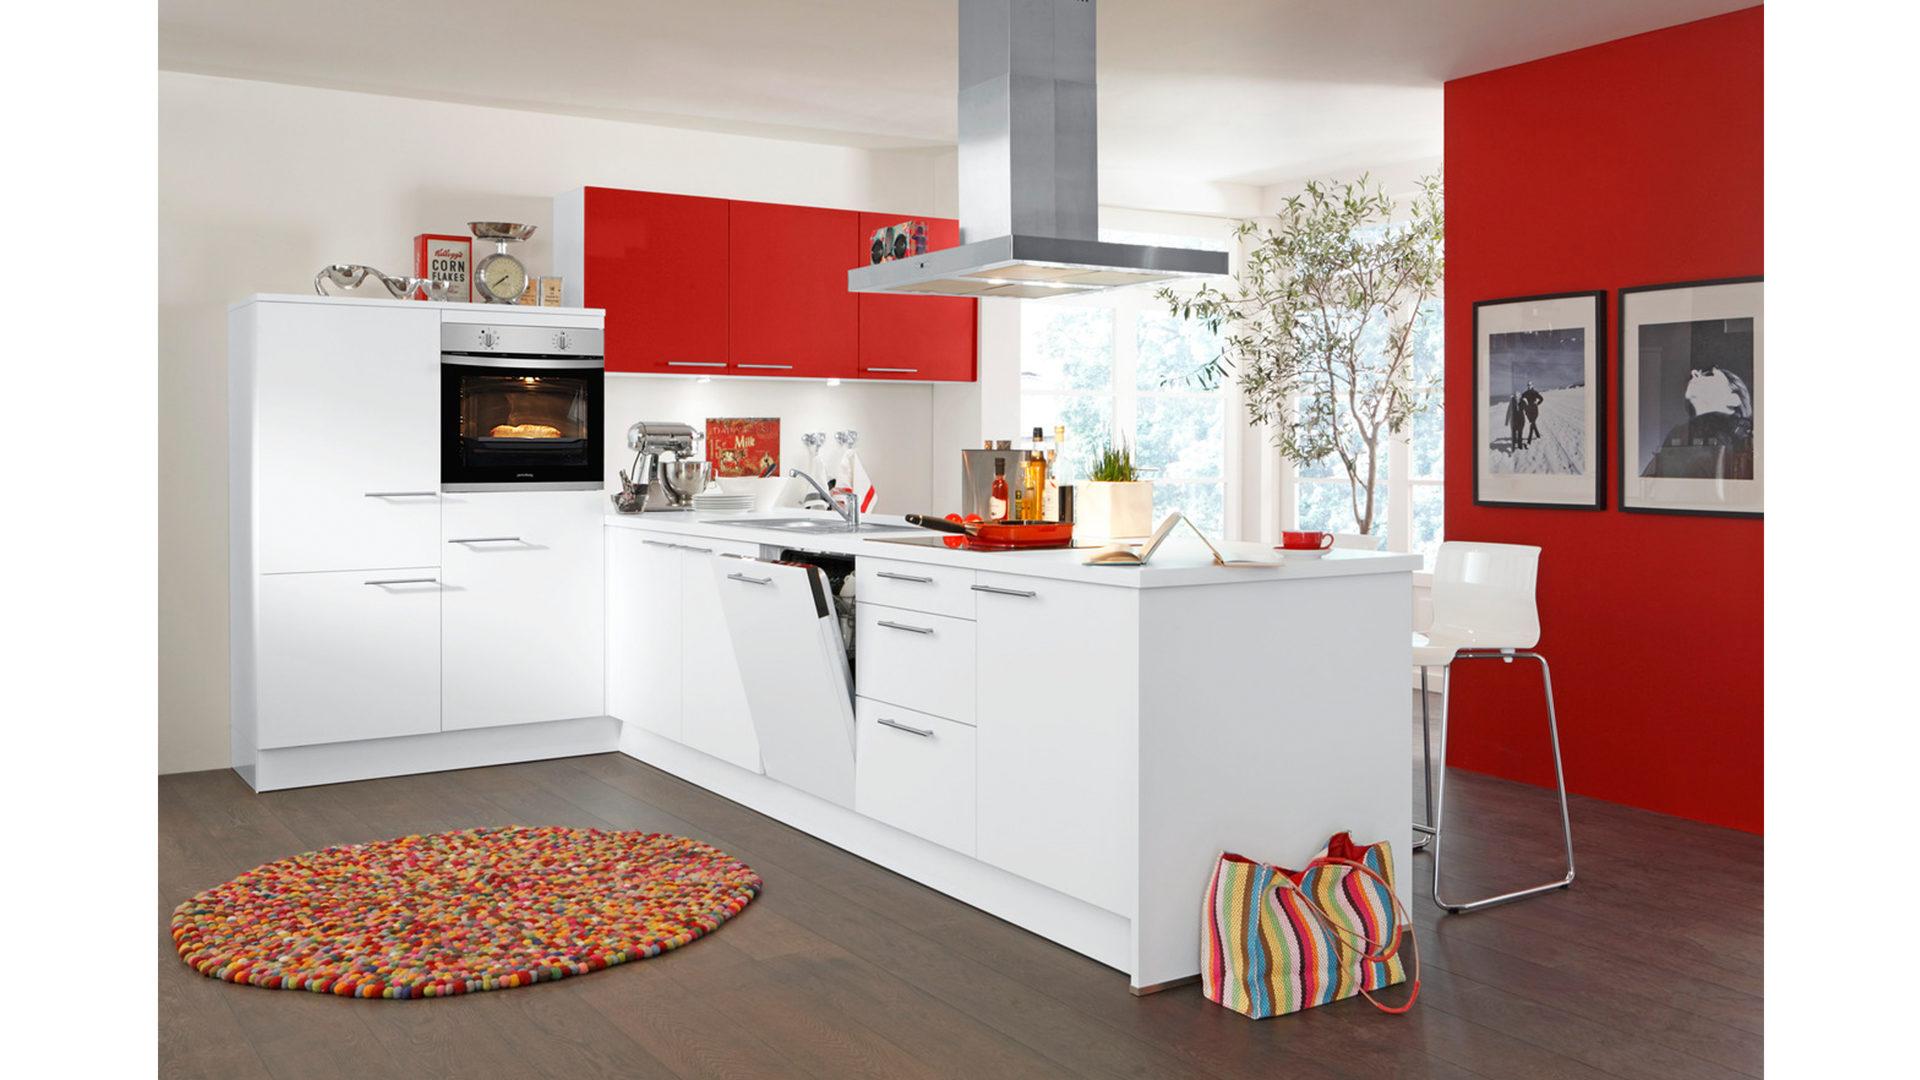 Einbauküche mit privileg Elektrogeräten wie Kühlschrank ...